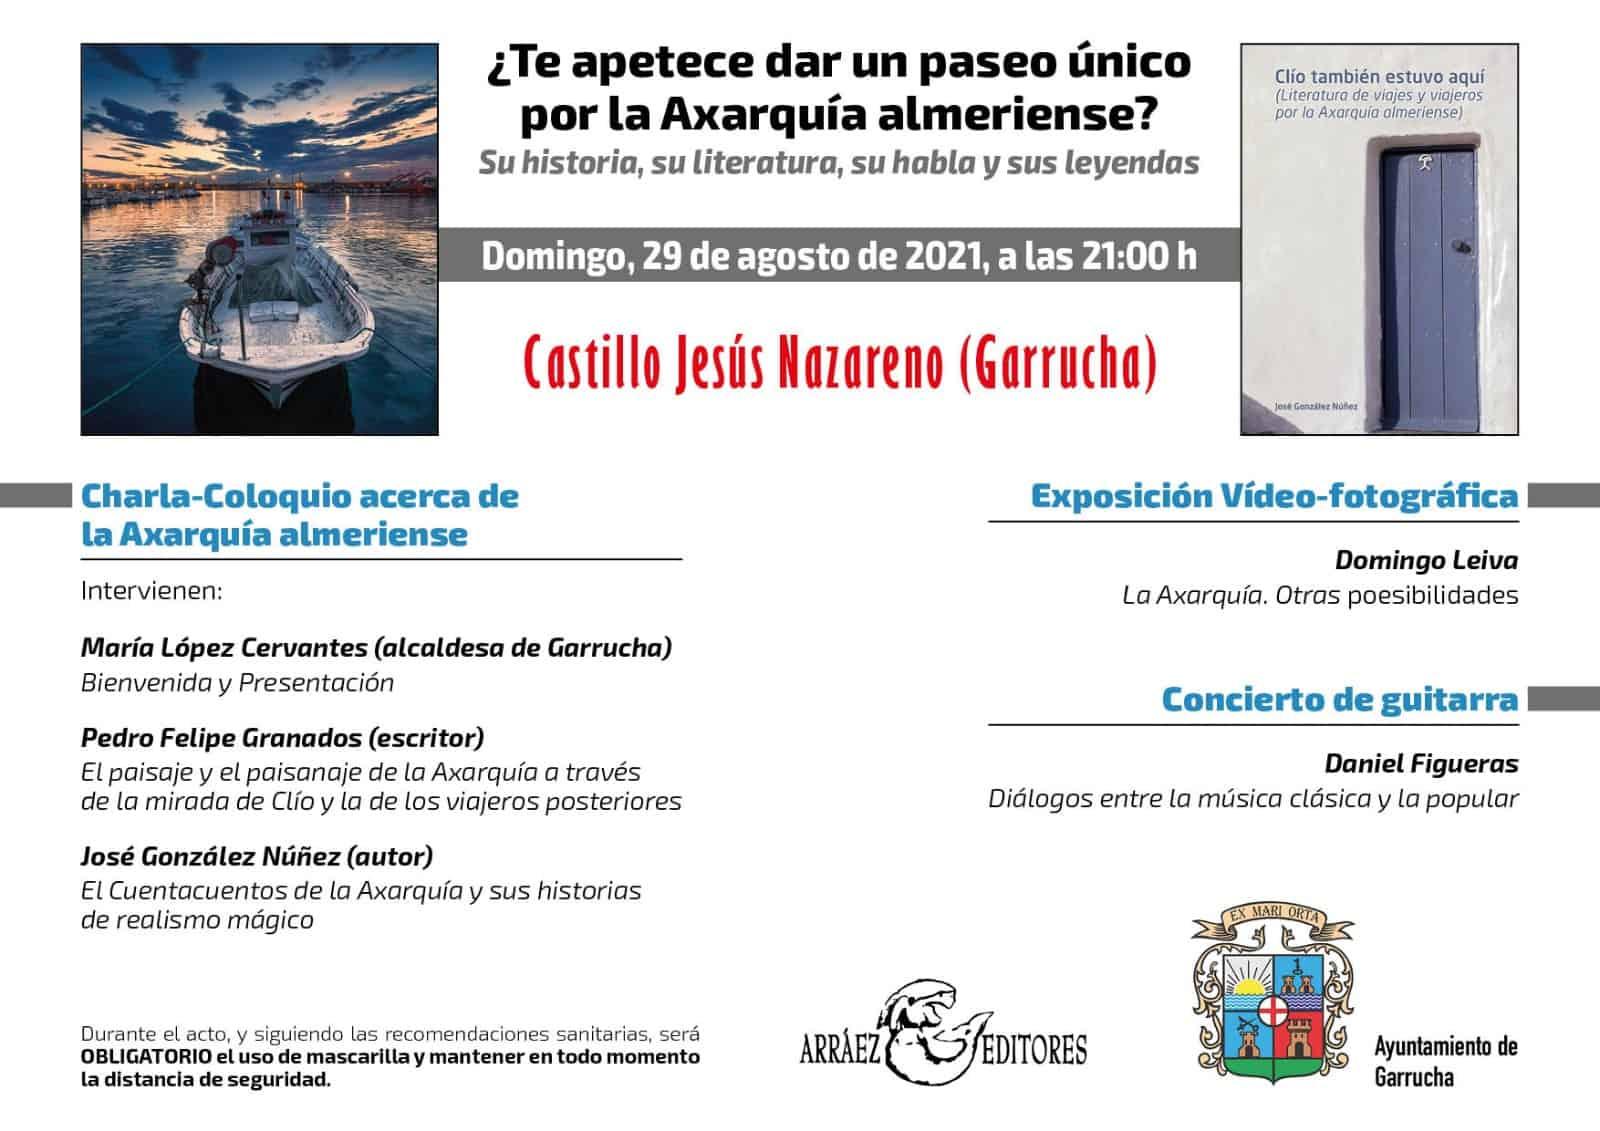 Presentación en Garrucha de Clío también estuvo aquí